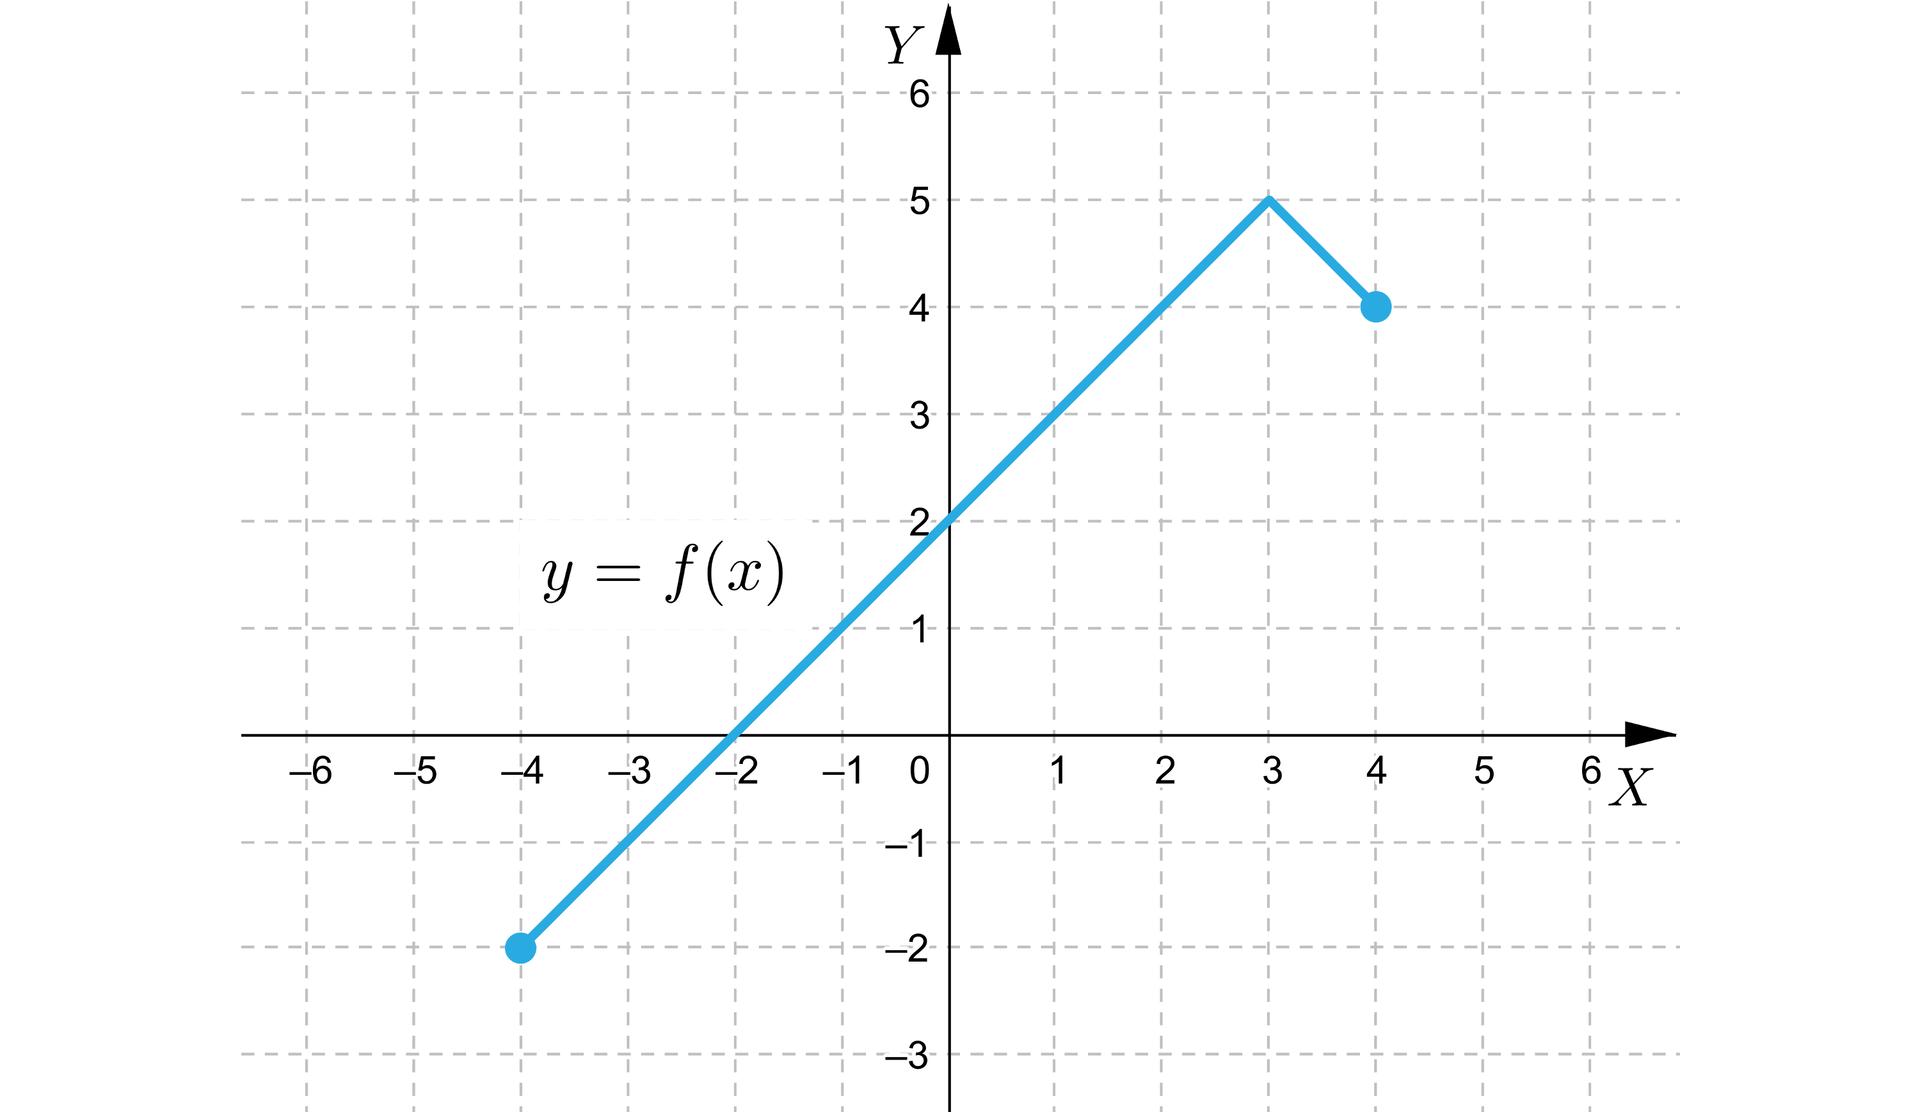 Ilustracja przedstawia układ współrzędnych zpoziomą osią X od minus sześciu do sześciu oraz zpionową osią Y od minus trzech do sześciu. Wykres funkcji leży wpierwszej, drugiej itrzeciej ćwiartce ijest łamaną otwartą odwóch bokach, czyli odcinkach. Początek lewego boku łamanej znajduje się wpunkcie -4;-2, akoniec tego boku znajduje się wpunkcie 3;5. Jest to również początek drugiego boku okońcu wpunkcie owspółrzędnych 4;4. Pierwszy bok przecina oś Y wpunkcie 2.